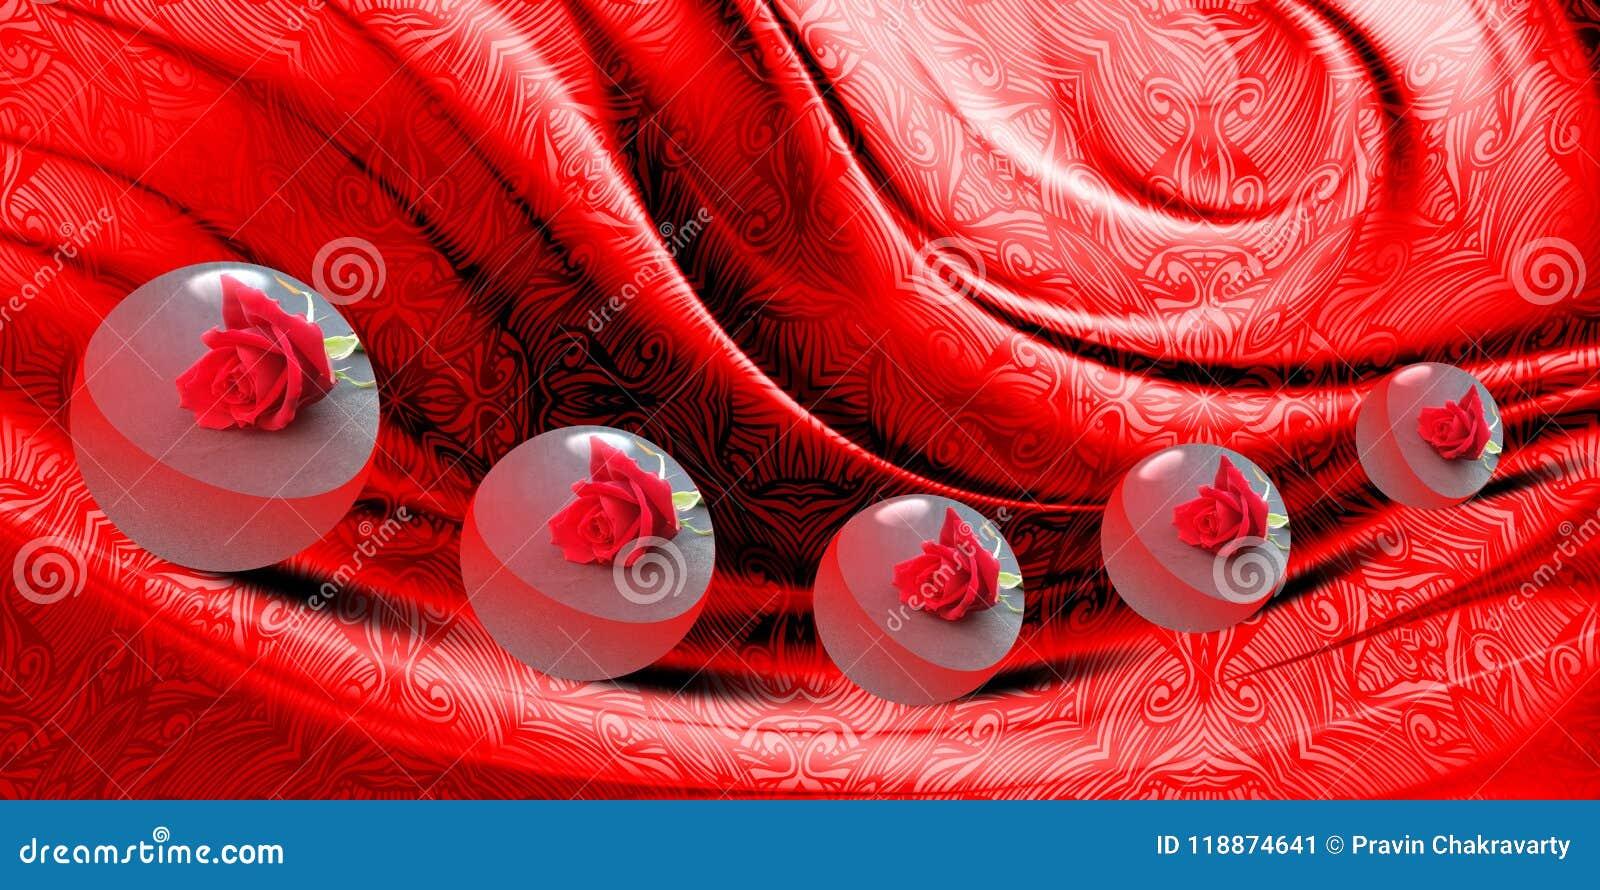 Abstrakcjonistyczna wektorowa czerwień cienił falistego textured tło z ruchami 3 d boll z teksturą, wektorowa ilustracja